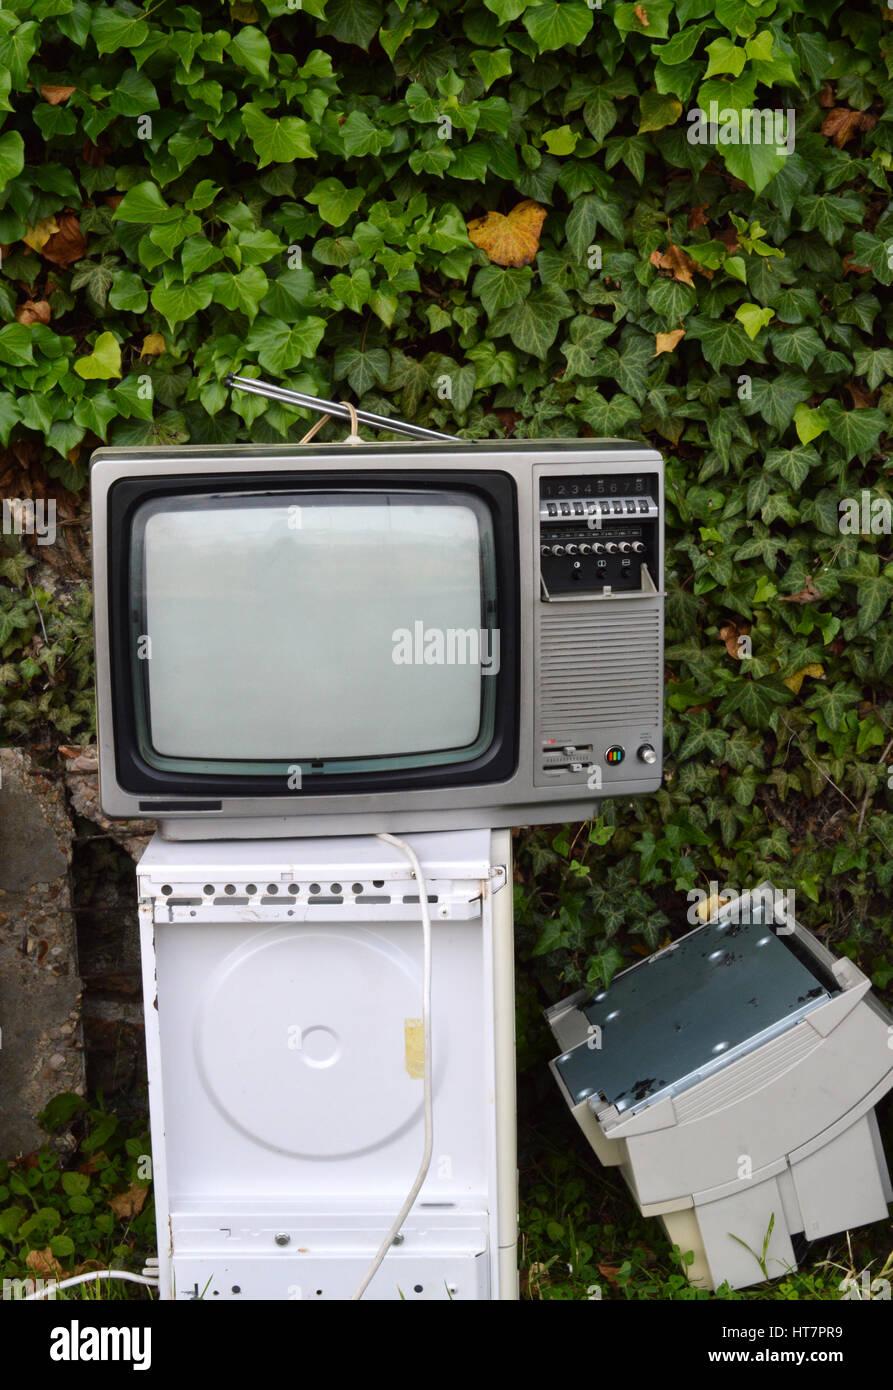 Rifiuti elettronici con TV vintage. Immagini Stock